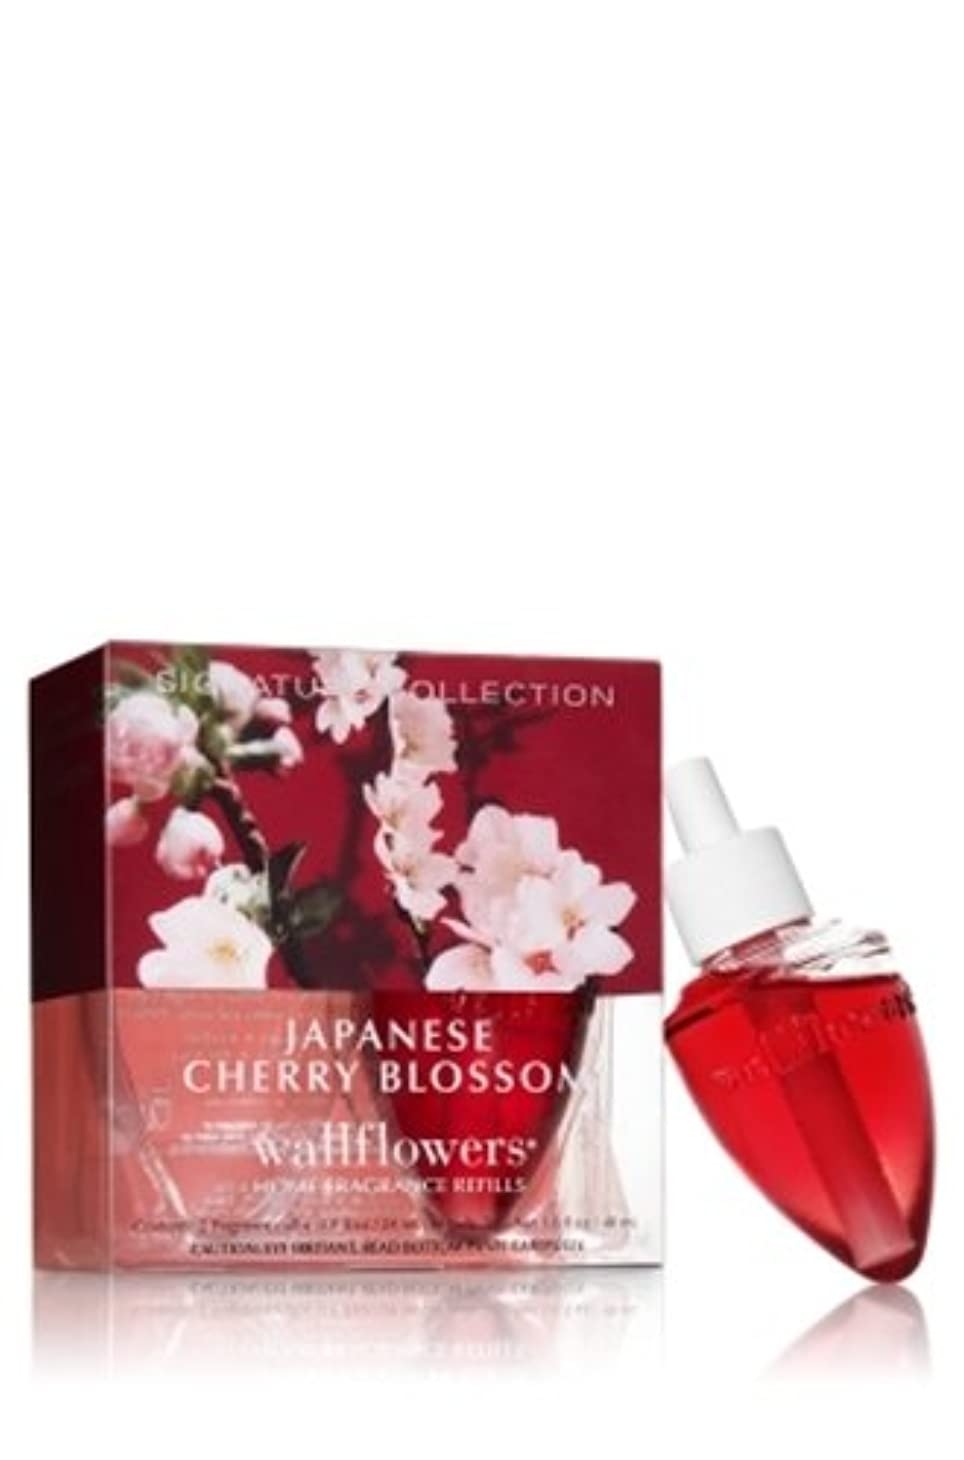 第二につかむ逸脱Bath & Body Works(バス&ボディワークス)ジャパニーズチェリーブロッサム ホームフレグランス レフィル2本セット(本体は別売りです)Japanese Cherry Blossom Wallflowers...